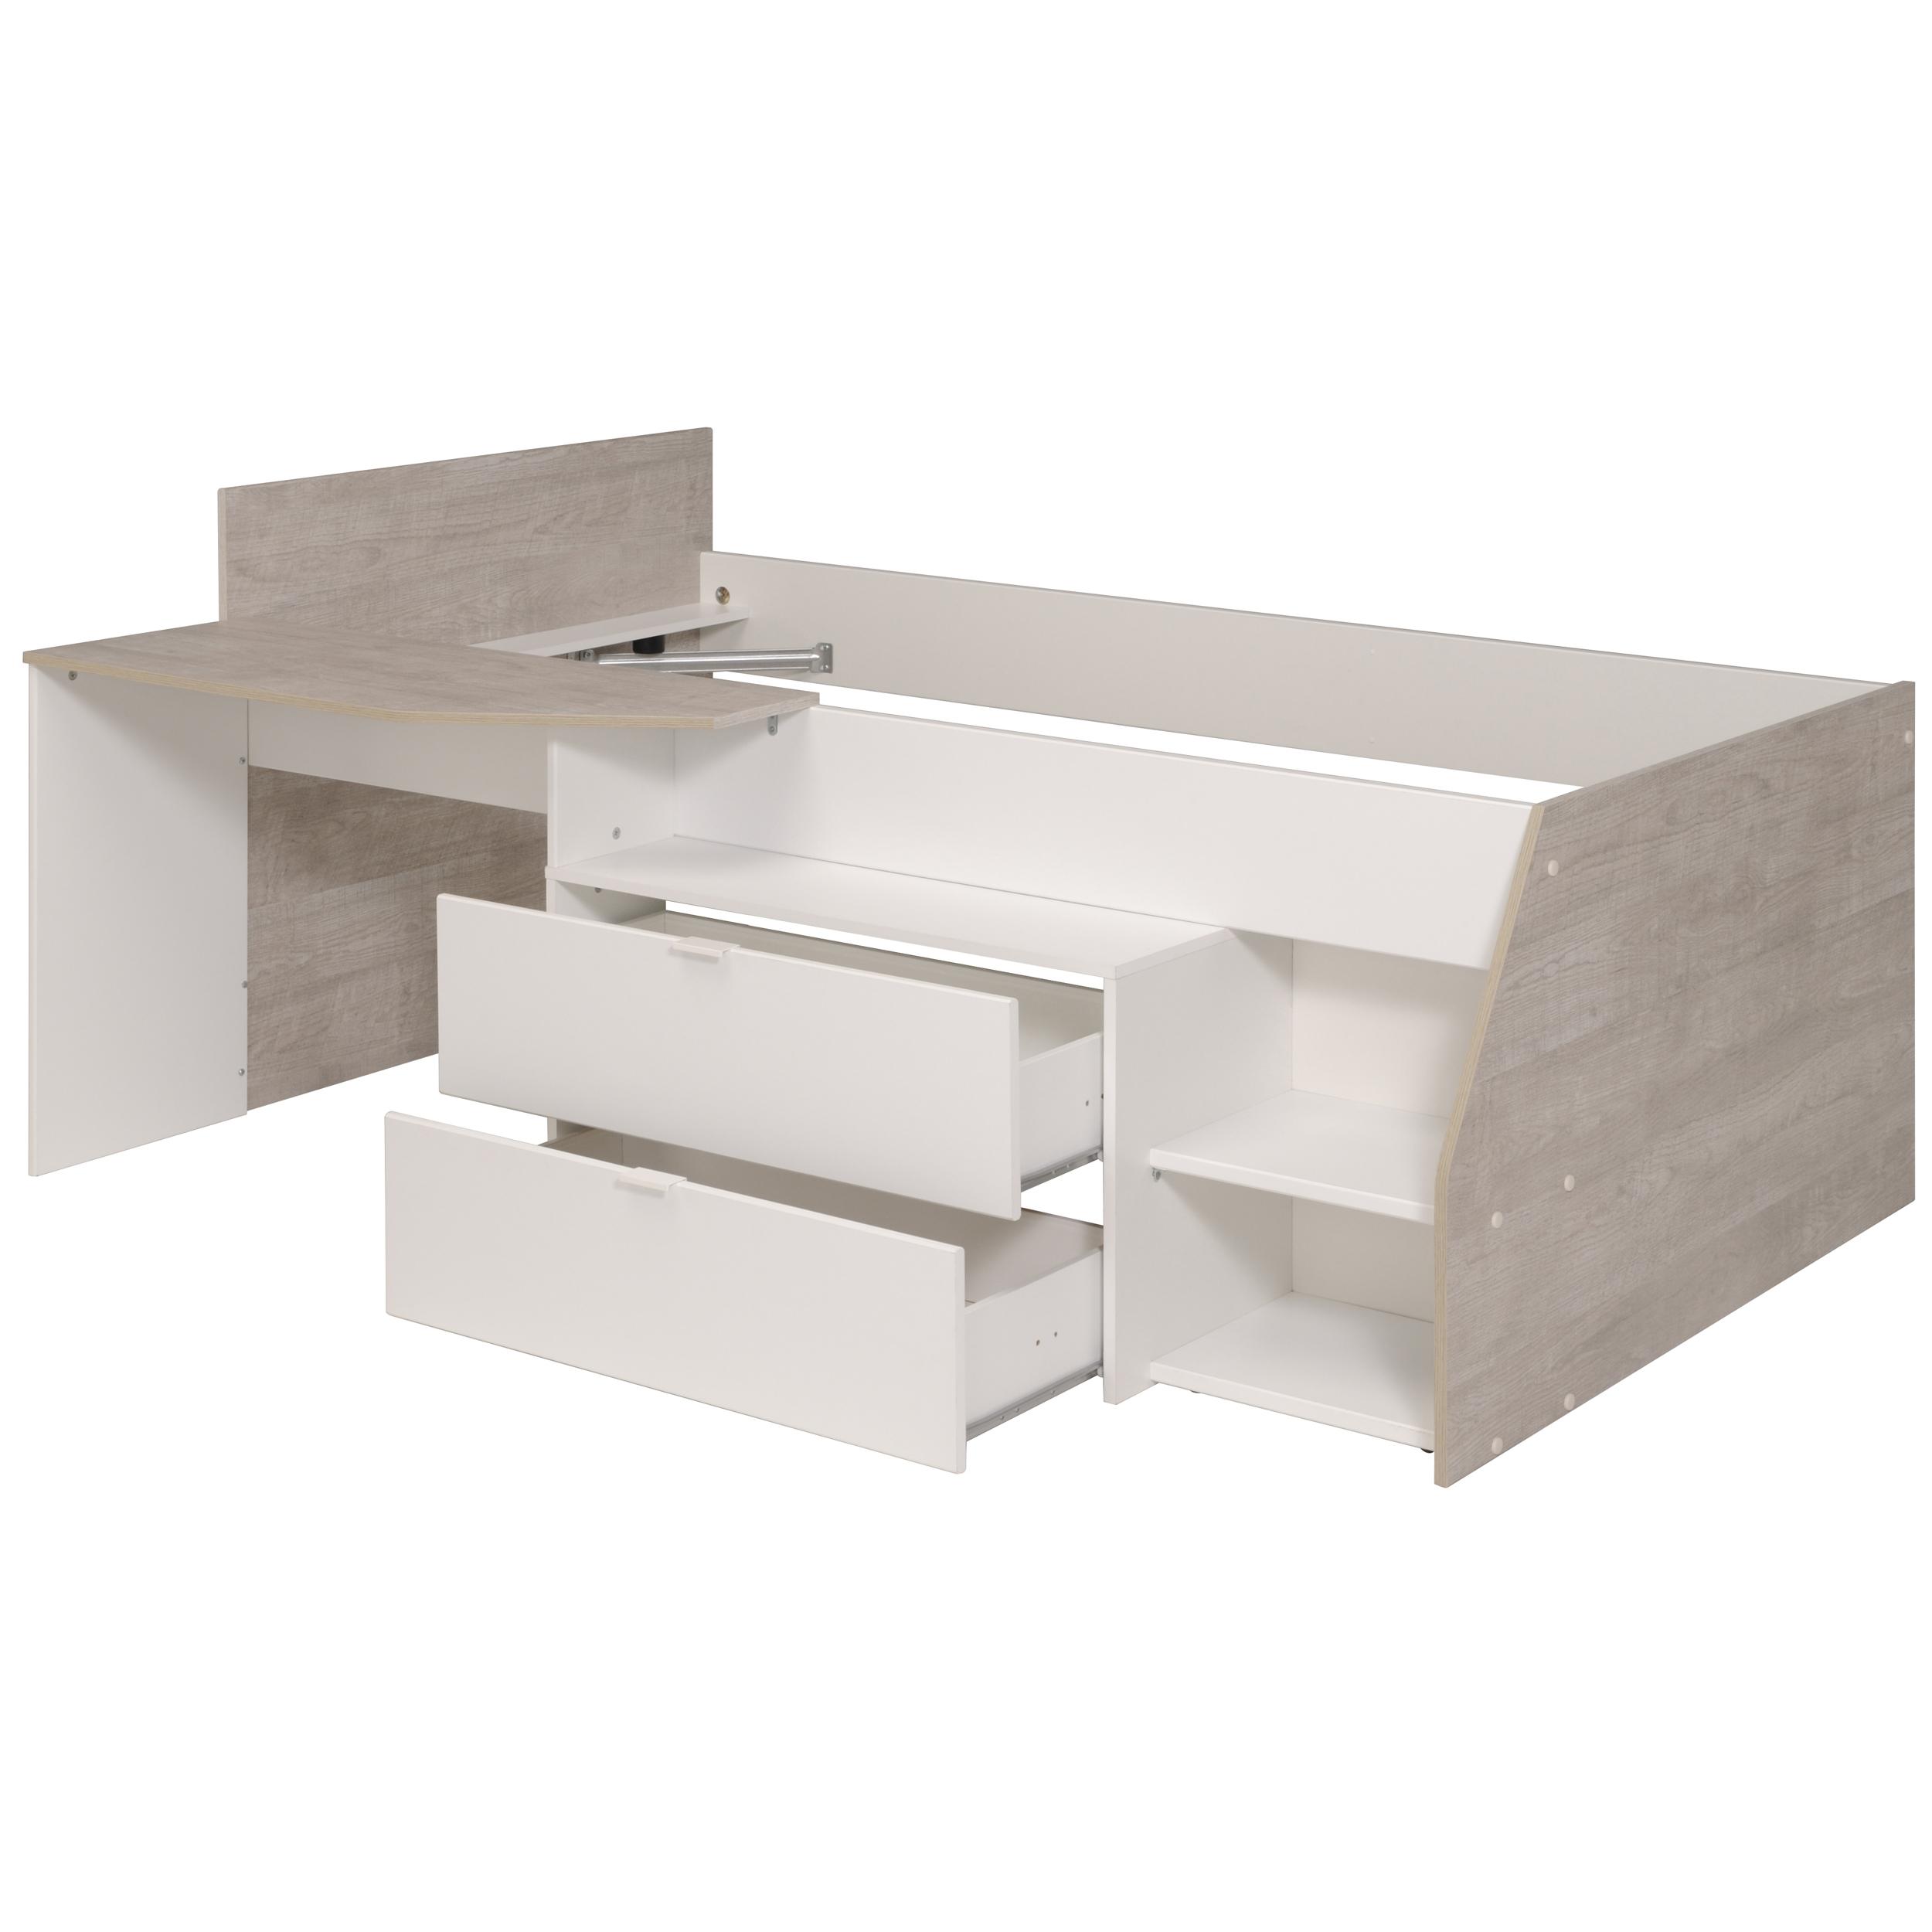 Amüsant Schreibtisch Weiß Mit Schubladen Foto Von 90x200 Hochbett Inkl U 2 Milky B